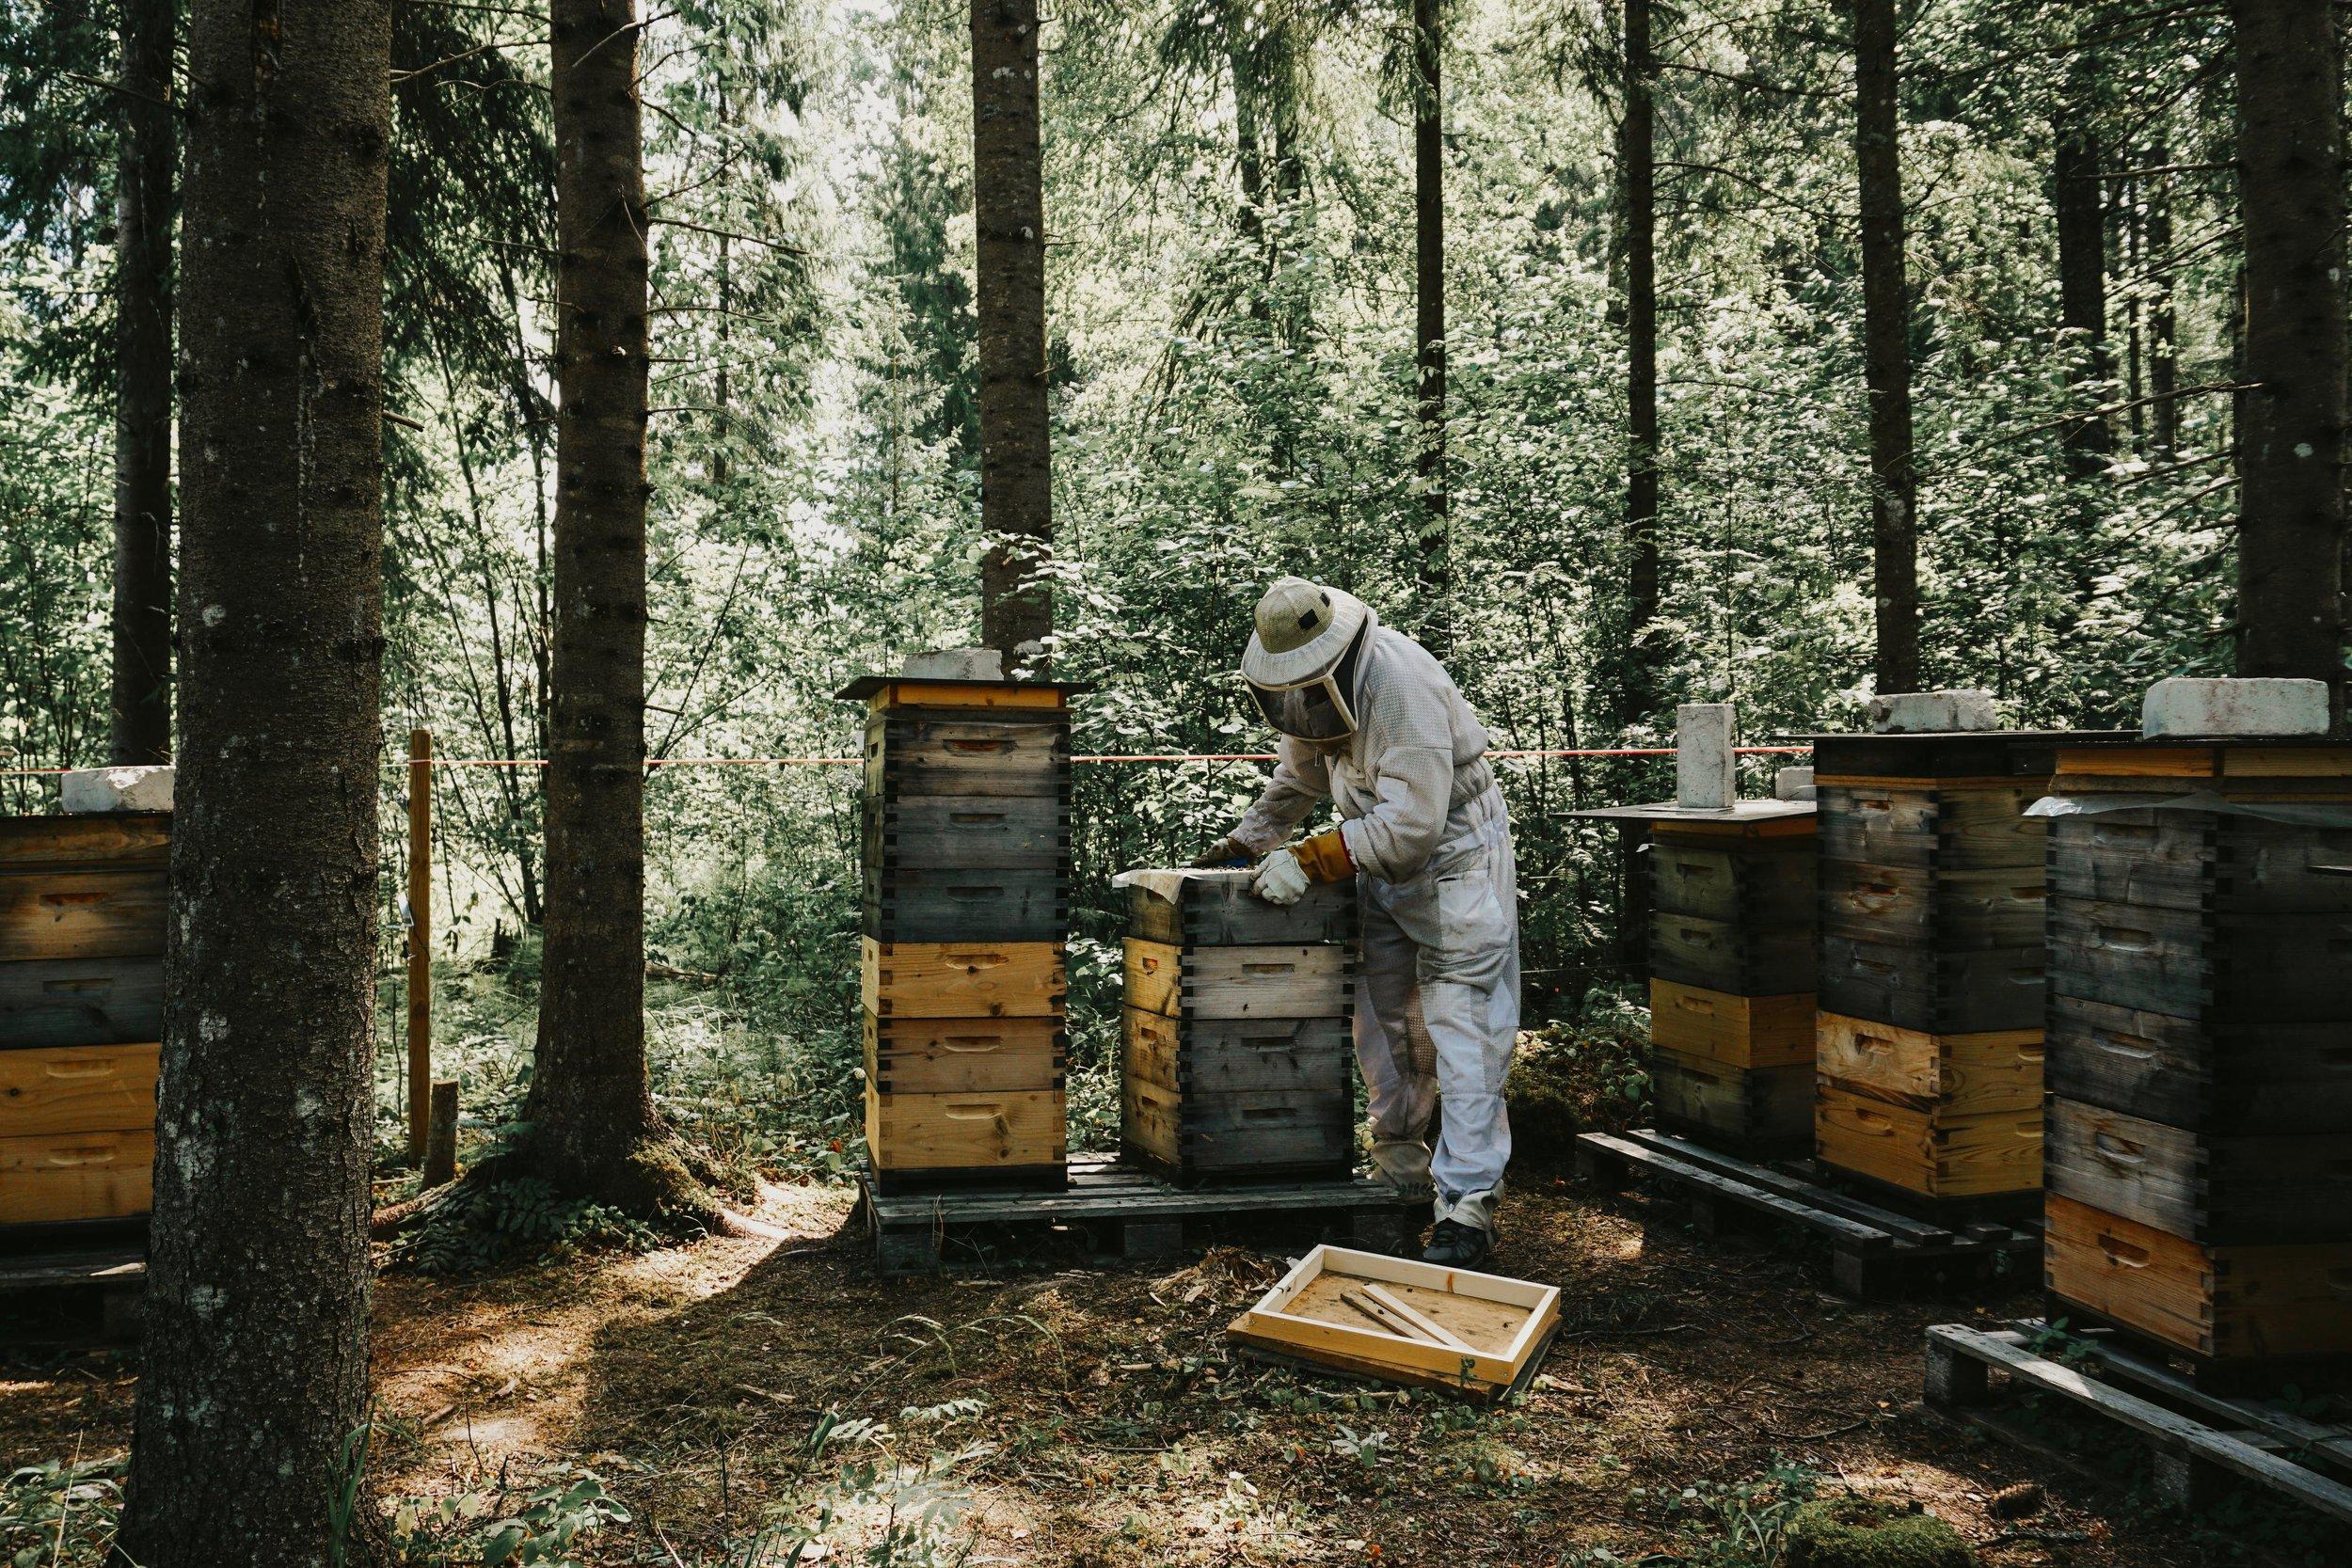 beekeeper-beehive-apiary.jpeg